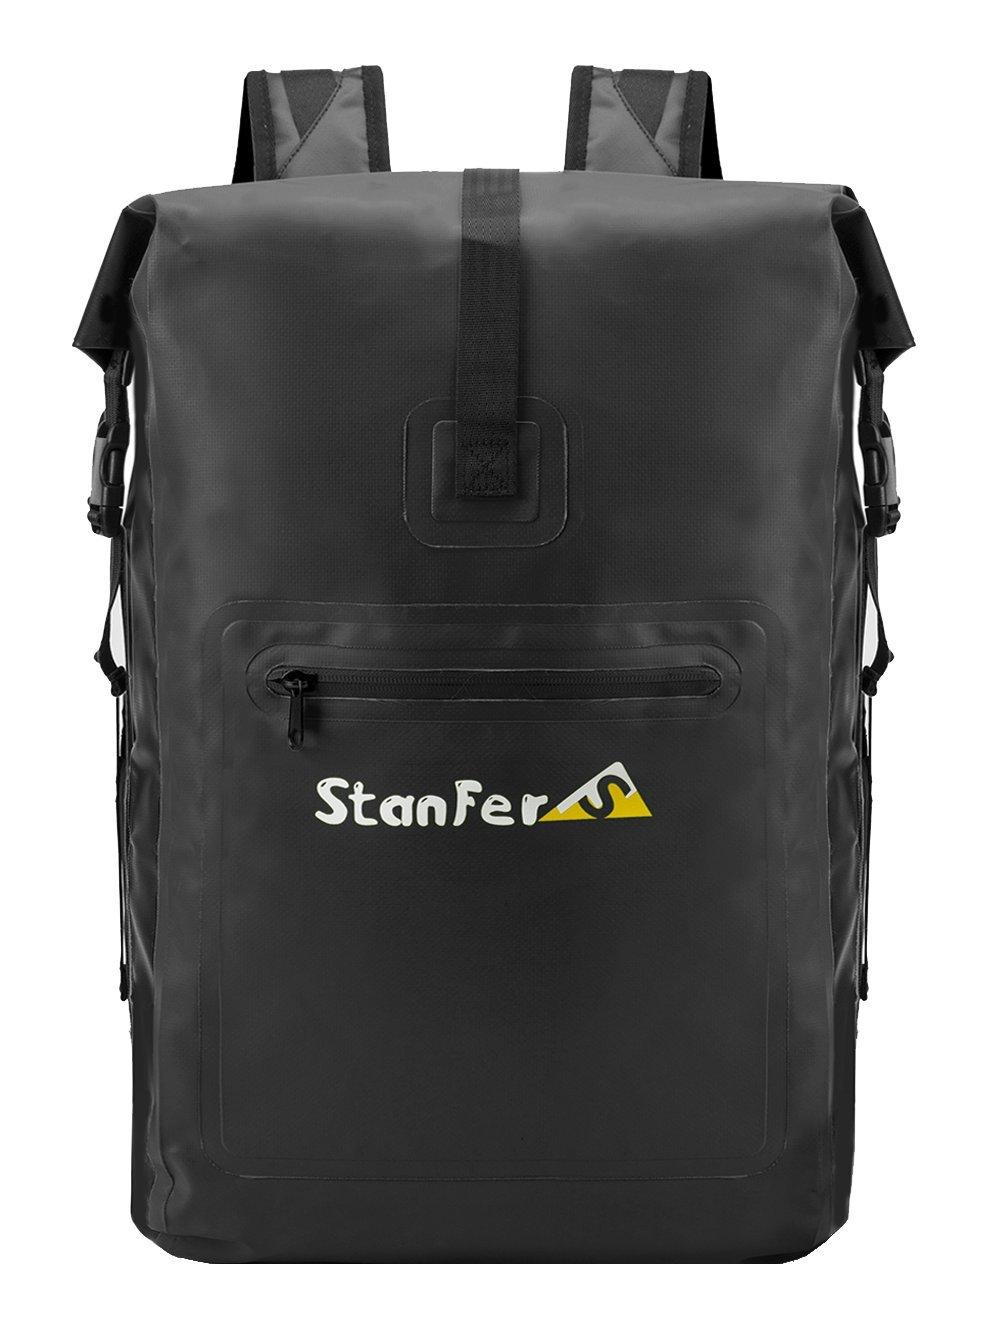 Allcamp asciutto borsa daysack 30l impermeabile lo zaino di navigazione, con un impermeabile per cellulare e multifunzionale di borsa (rimovibile) ALLCAMP OUTDOOR INC. TL13035